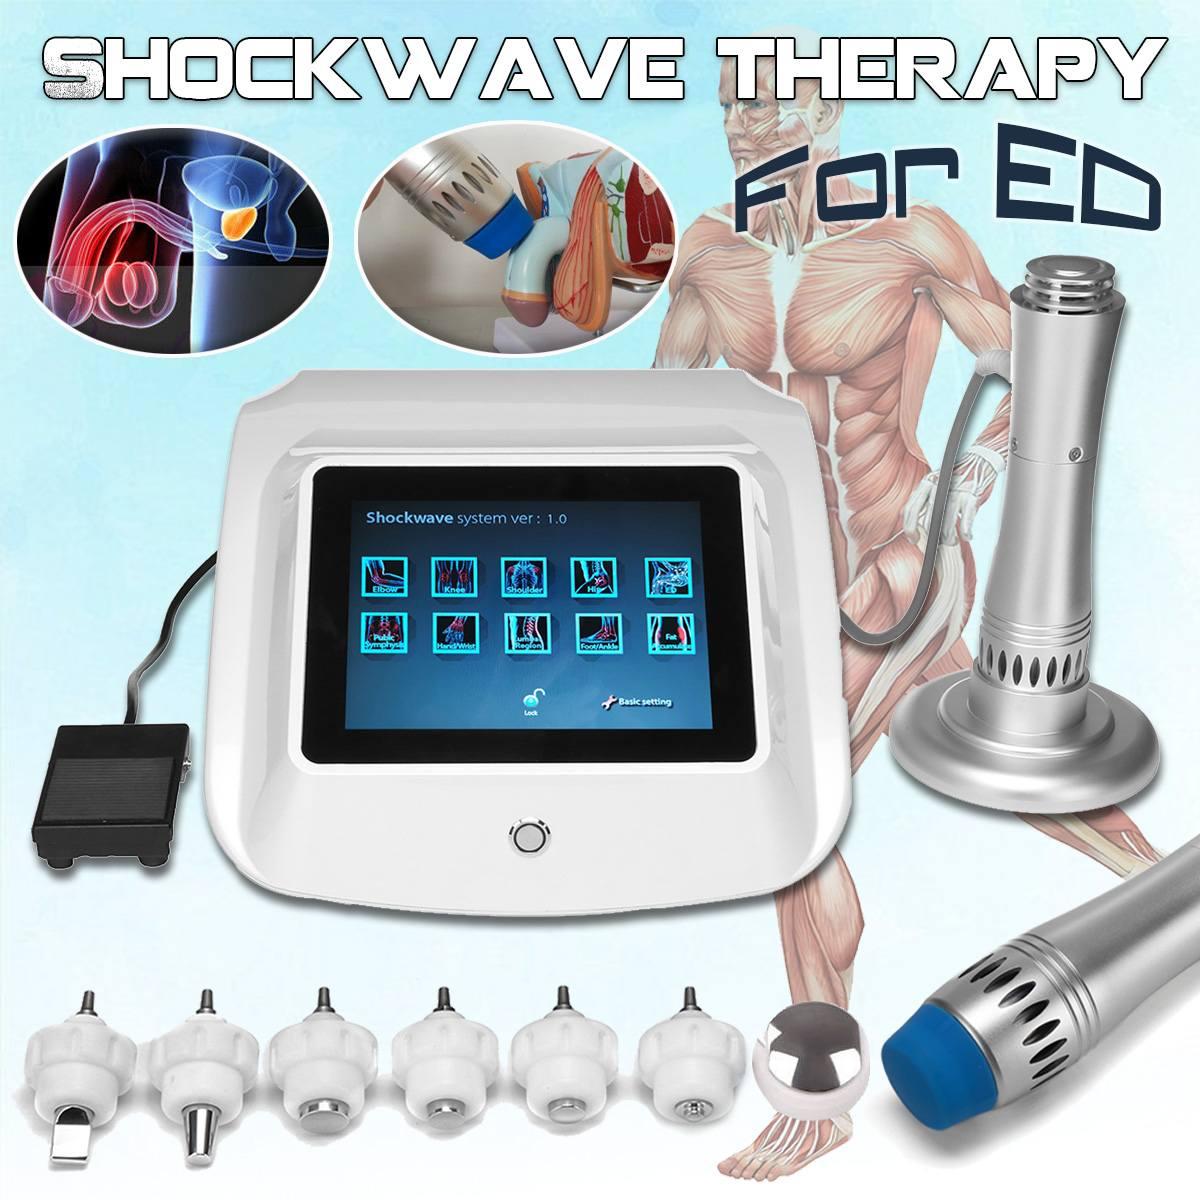 Tratar a ED portátil onda de choque equipo de fisioterapia terapia de ED tratamiento de alivio del dolor Shockwave terapia de la máquina